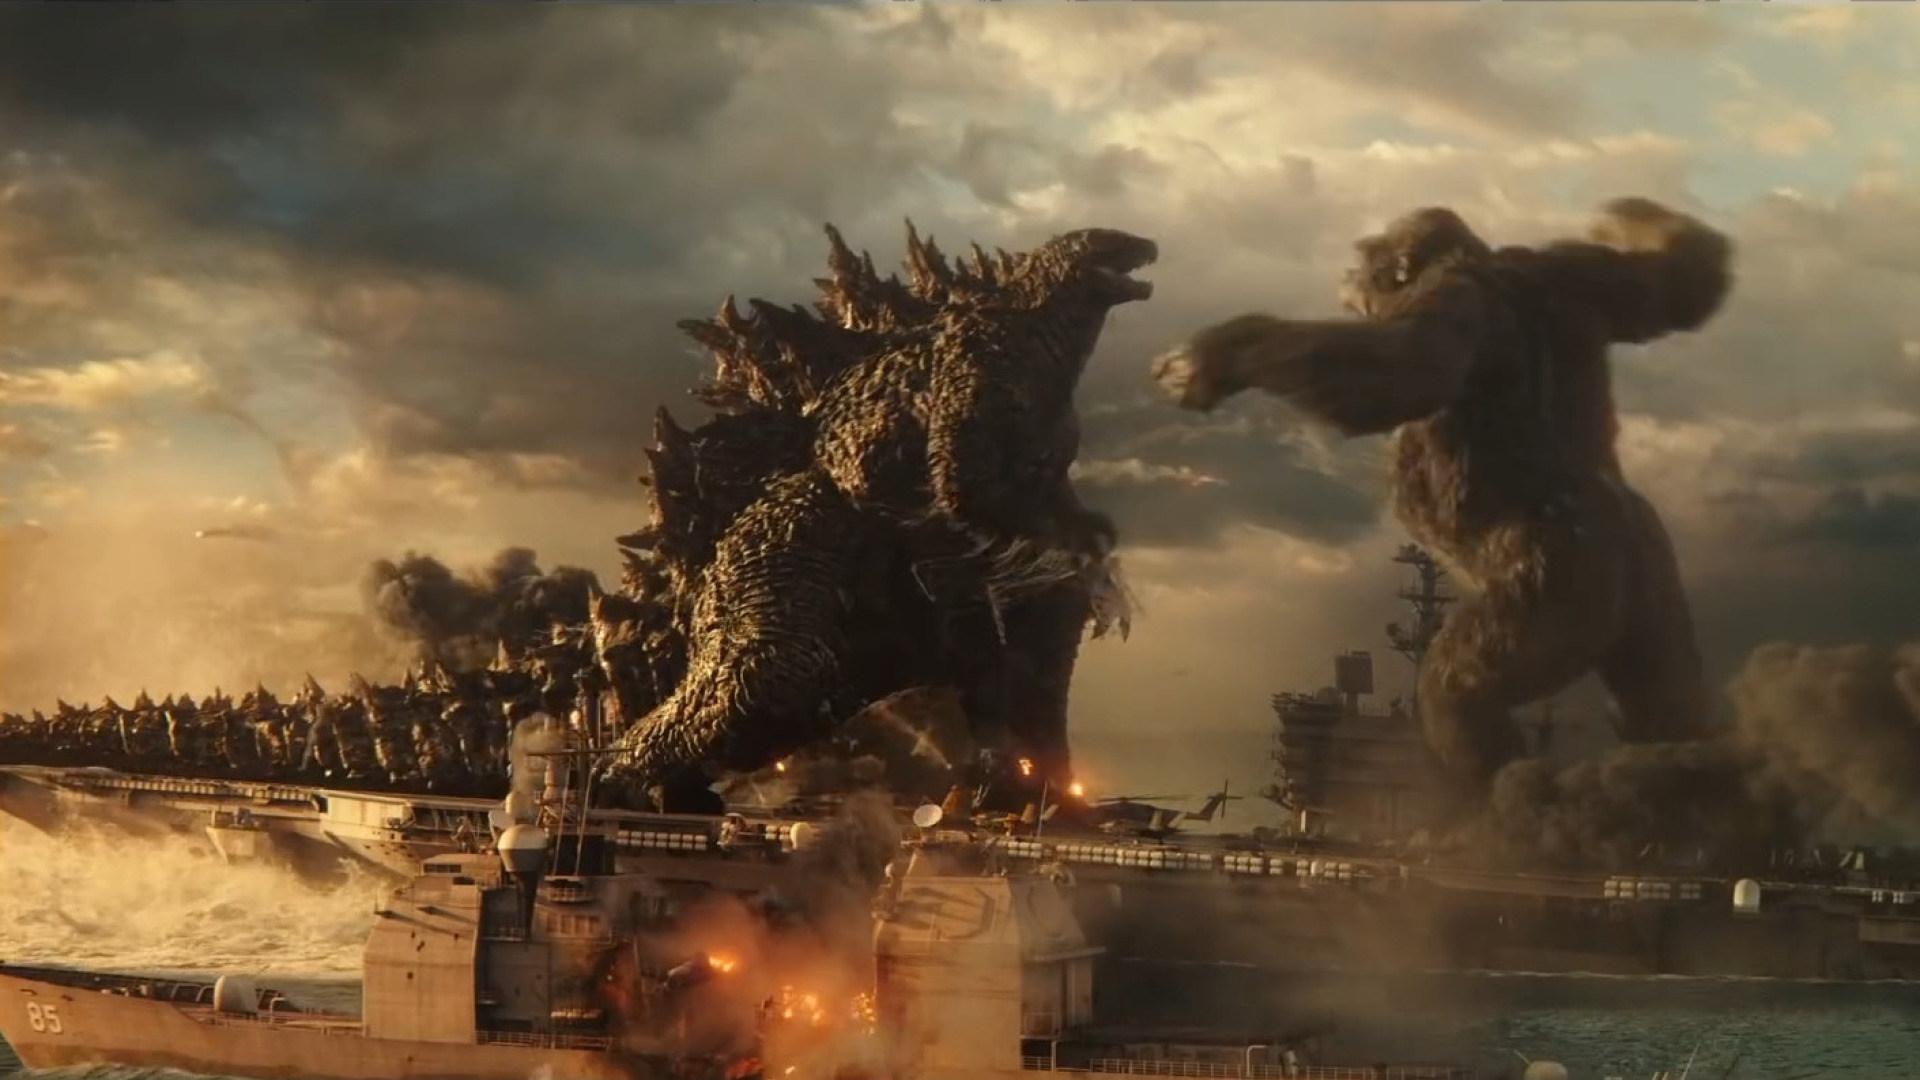 Trailer, Film, Kino, Kinofilm, Warner Bros., Warner Bros, Godzilla, Godzilla vs. Kong, King Kong